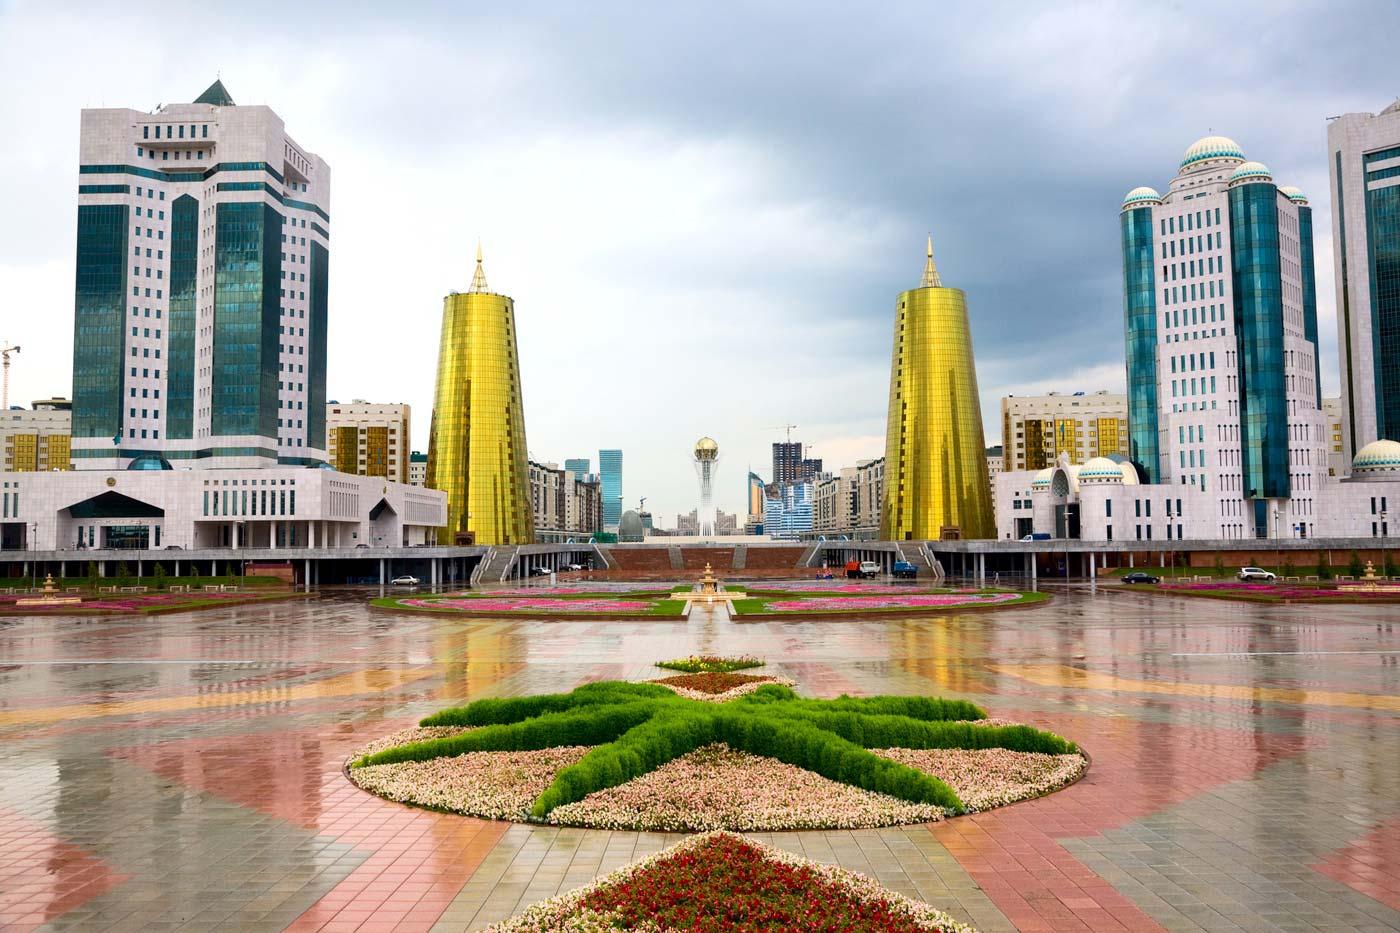 картинки о достопримечательностях казахстана его крышей работают